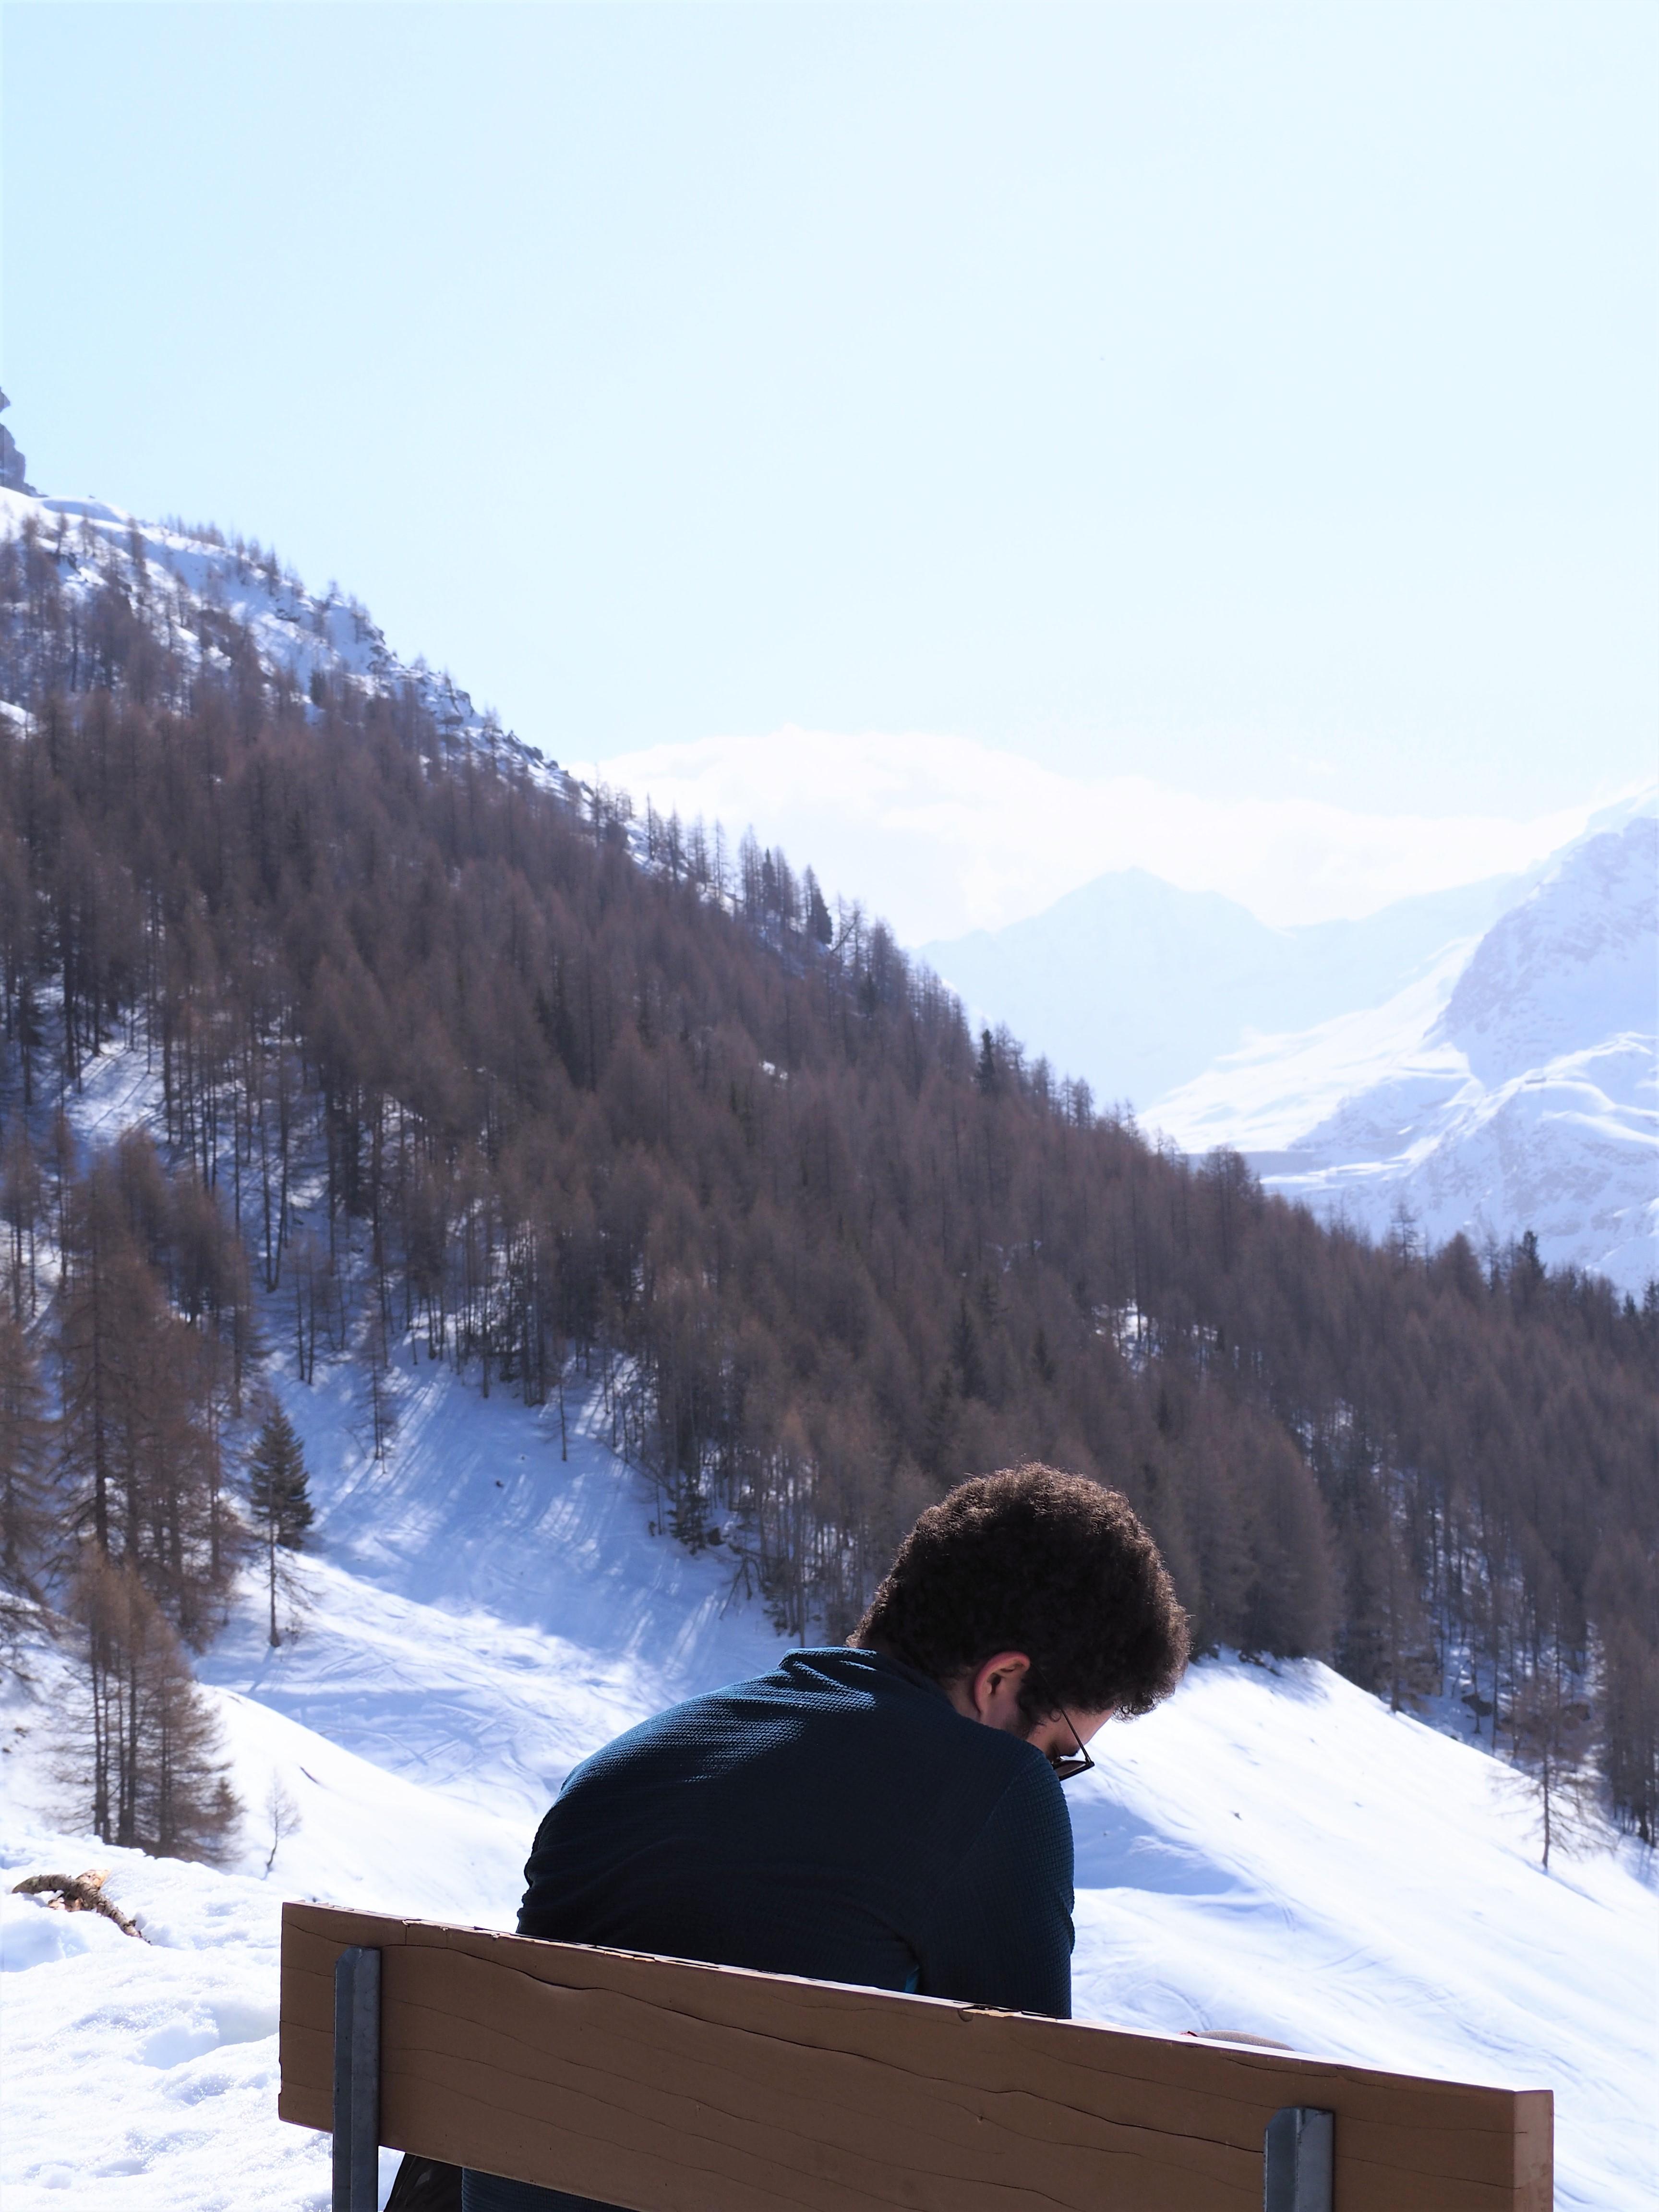 Mandelon pique-nique valais suisse val d'hérens